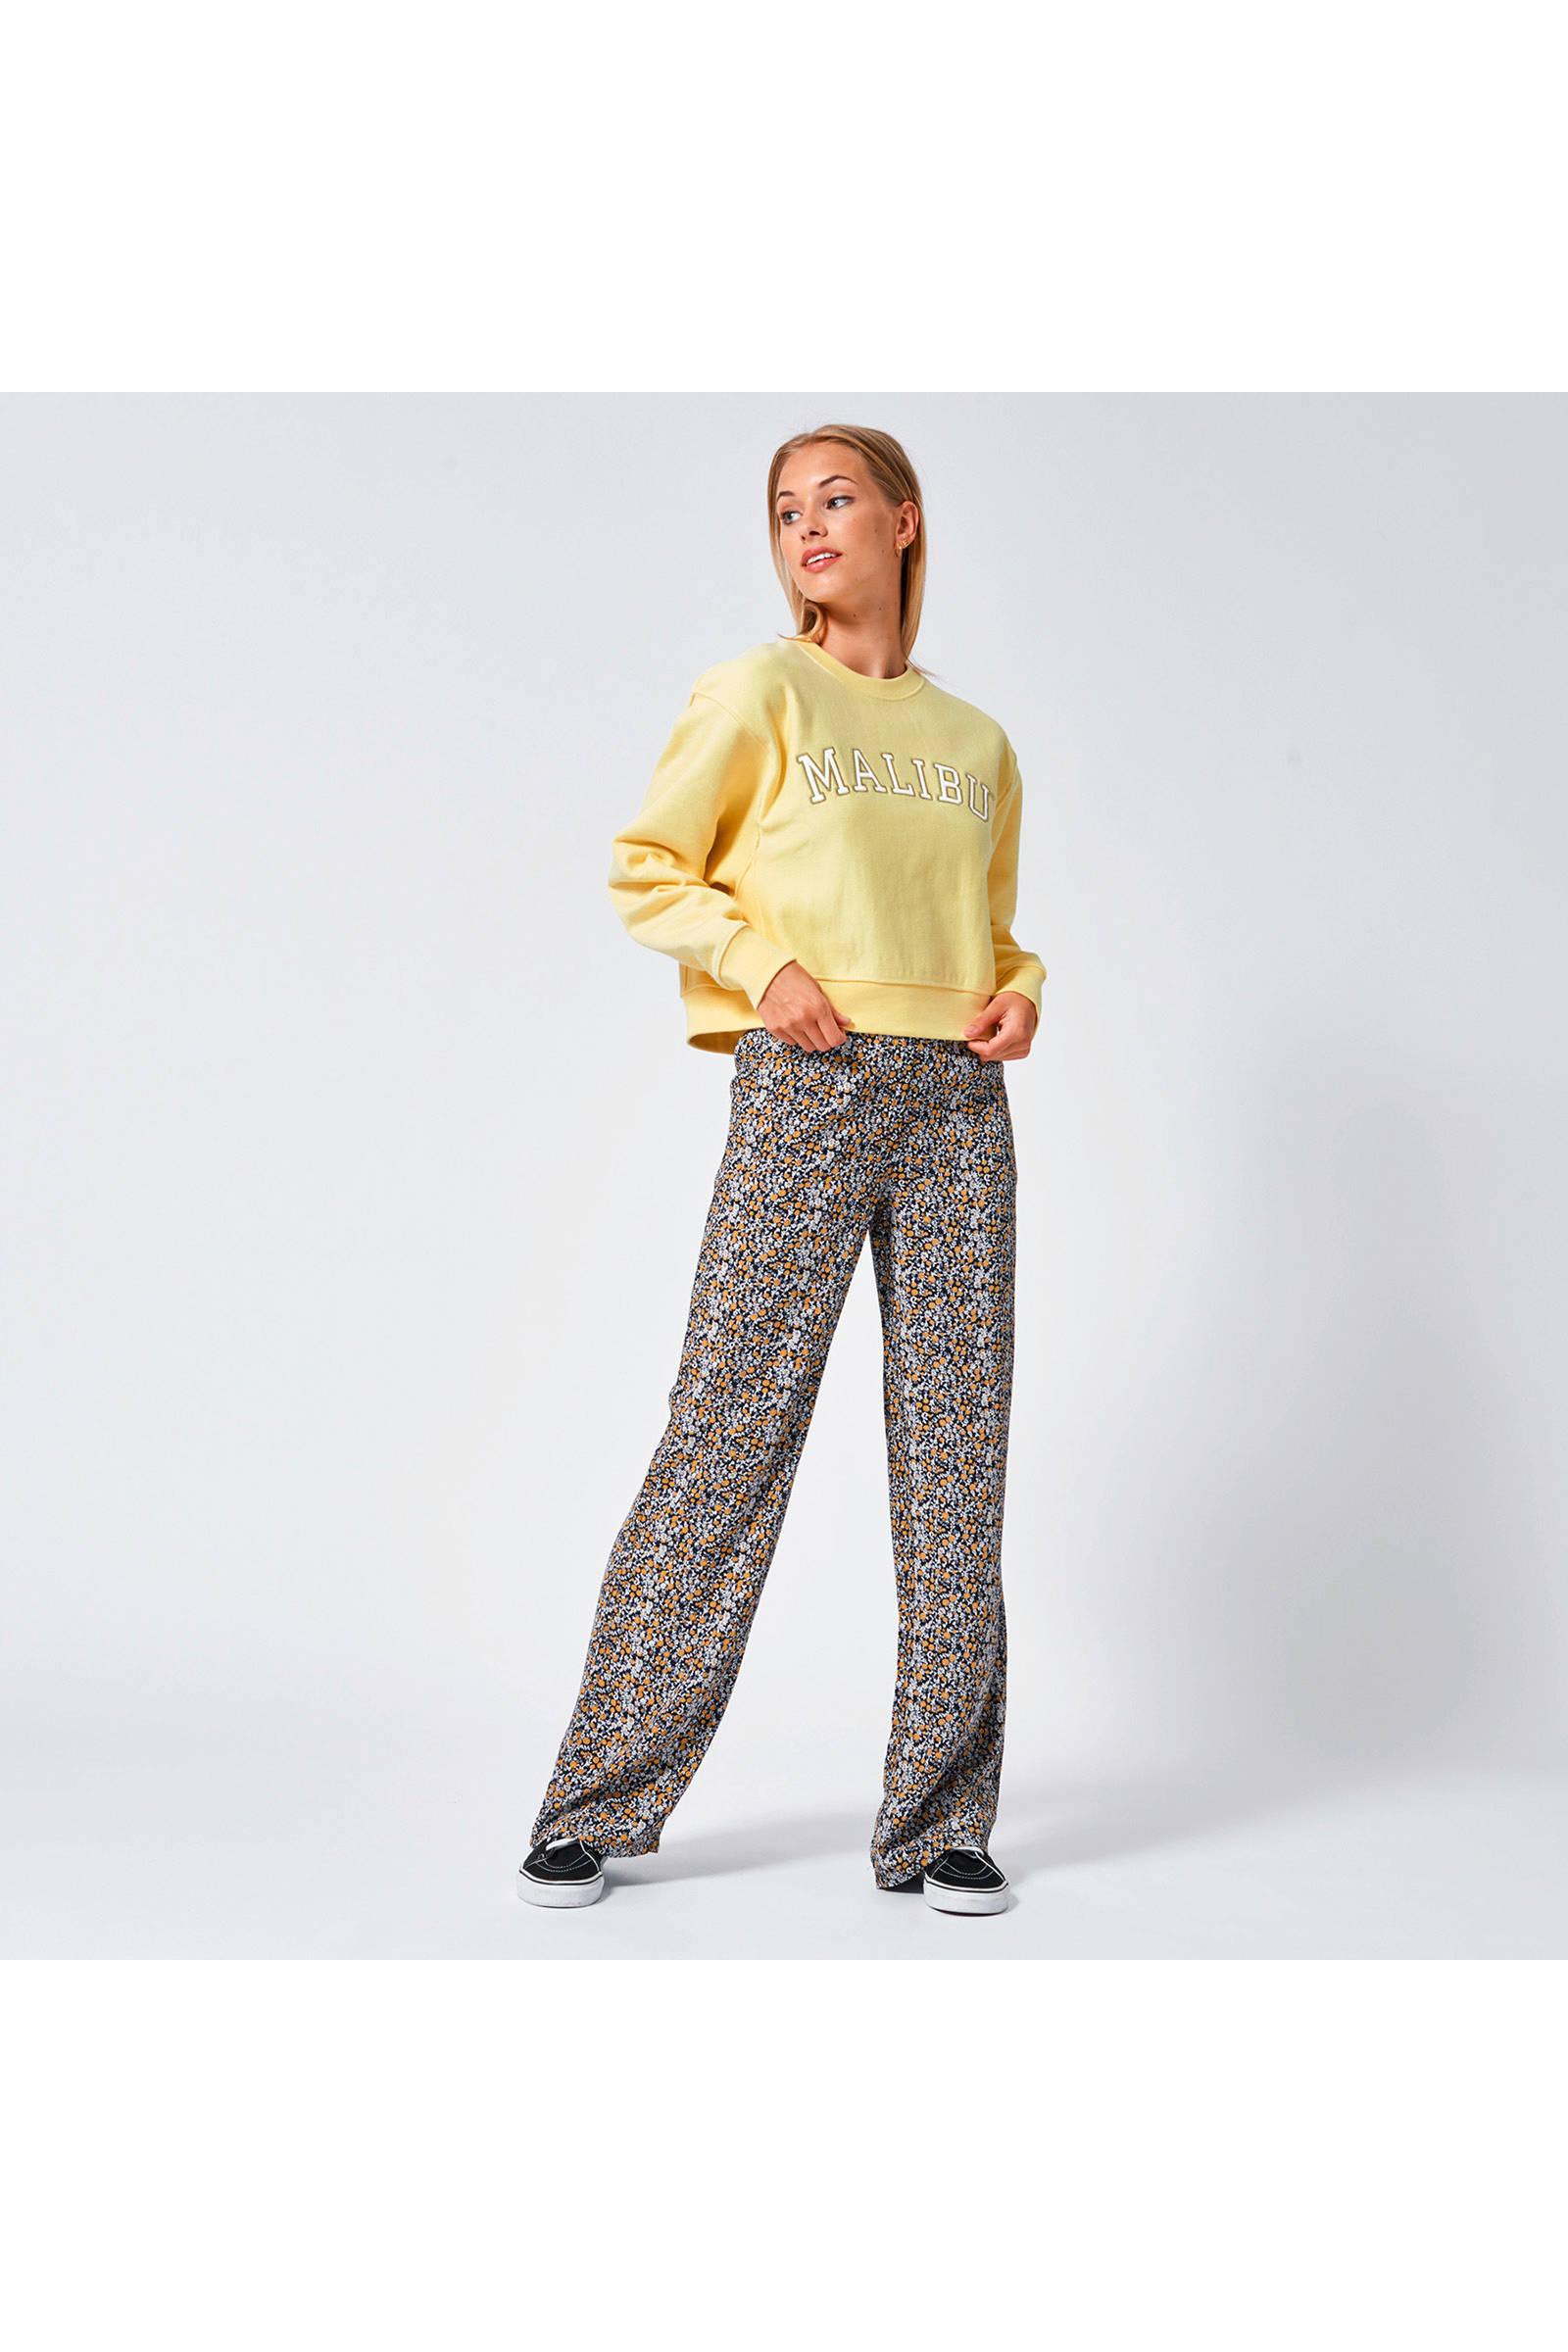 America Today sweater Simone met tekst gebroken wit   wehkamp